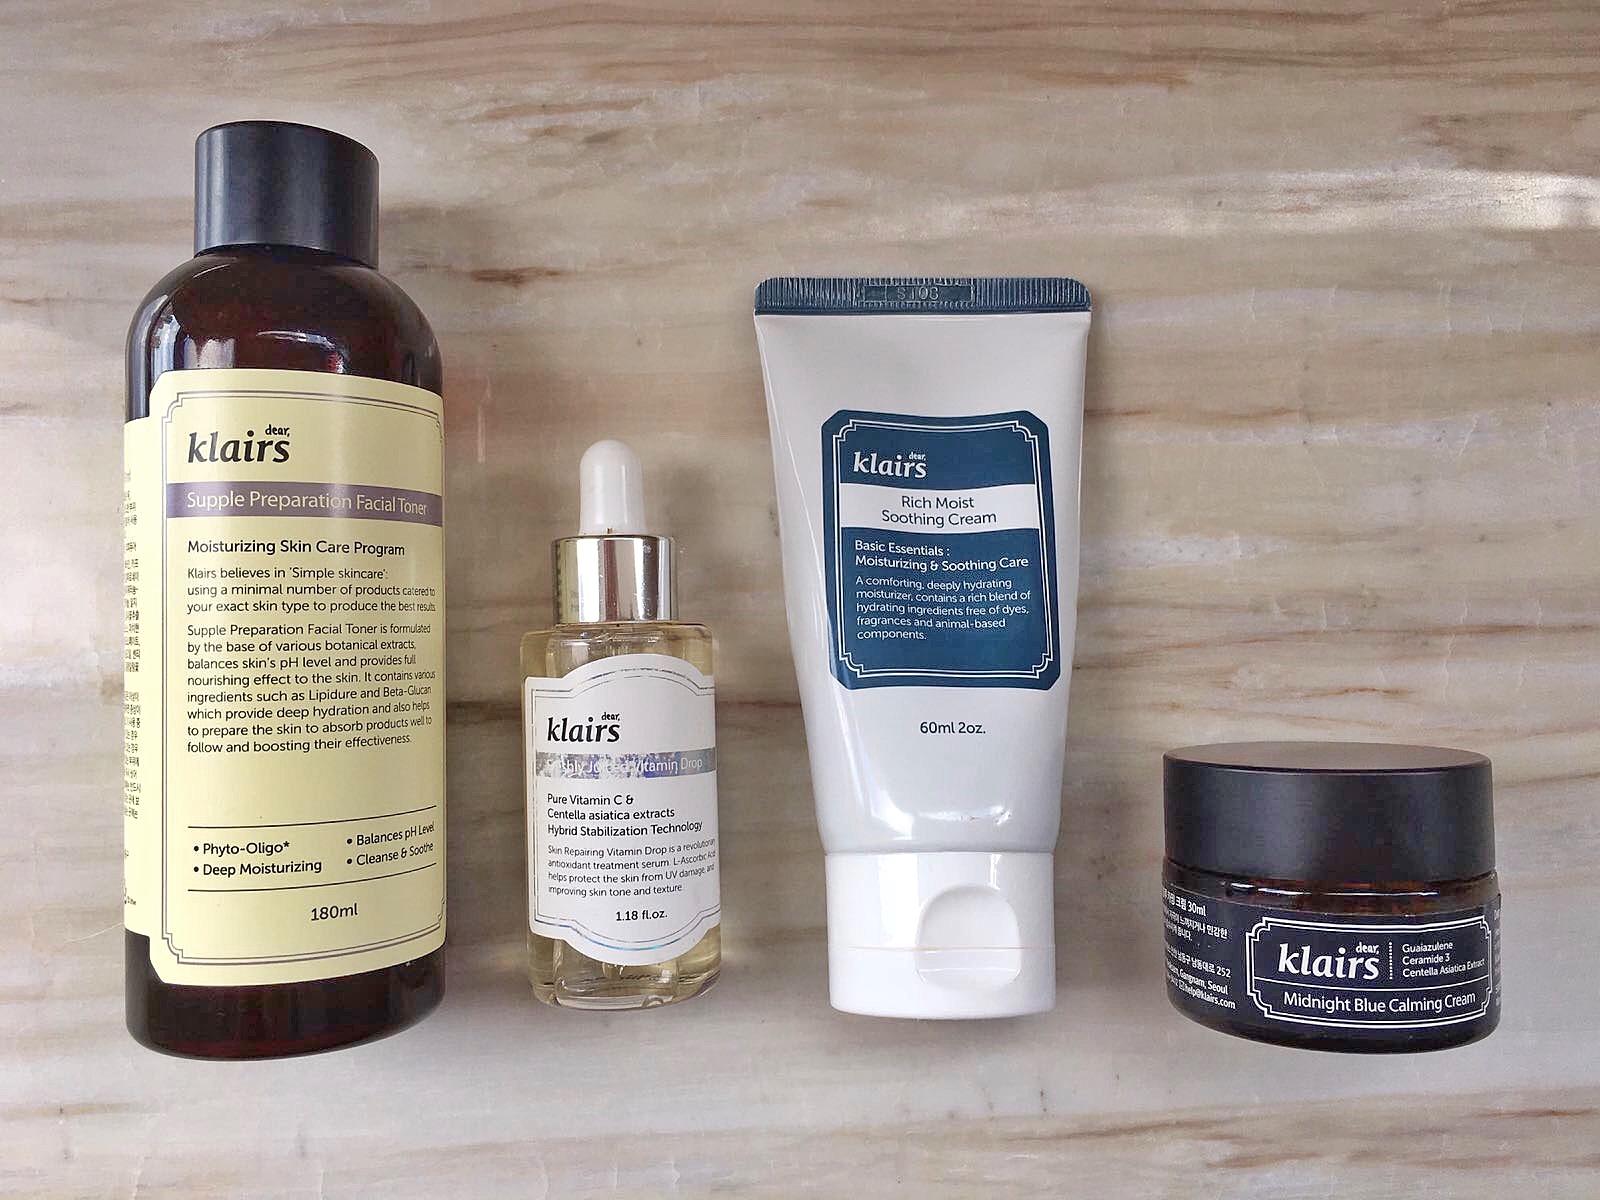 Klairs The Top Korean Skincare Brand For Sensitive Skin